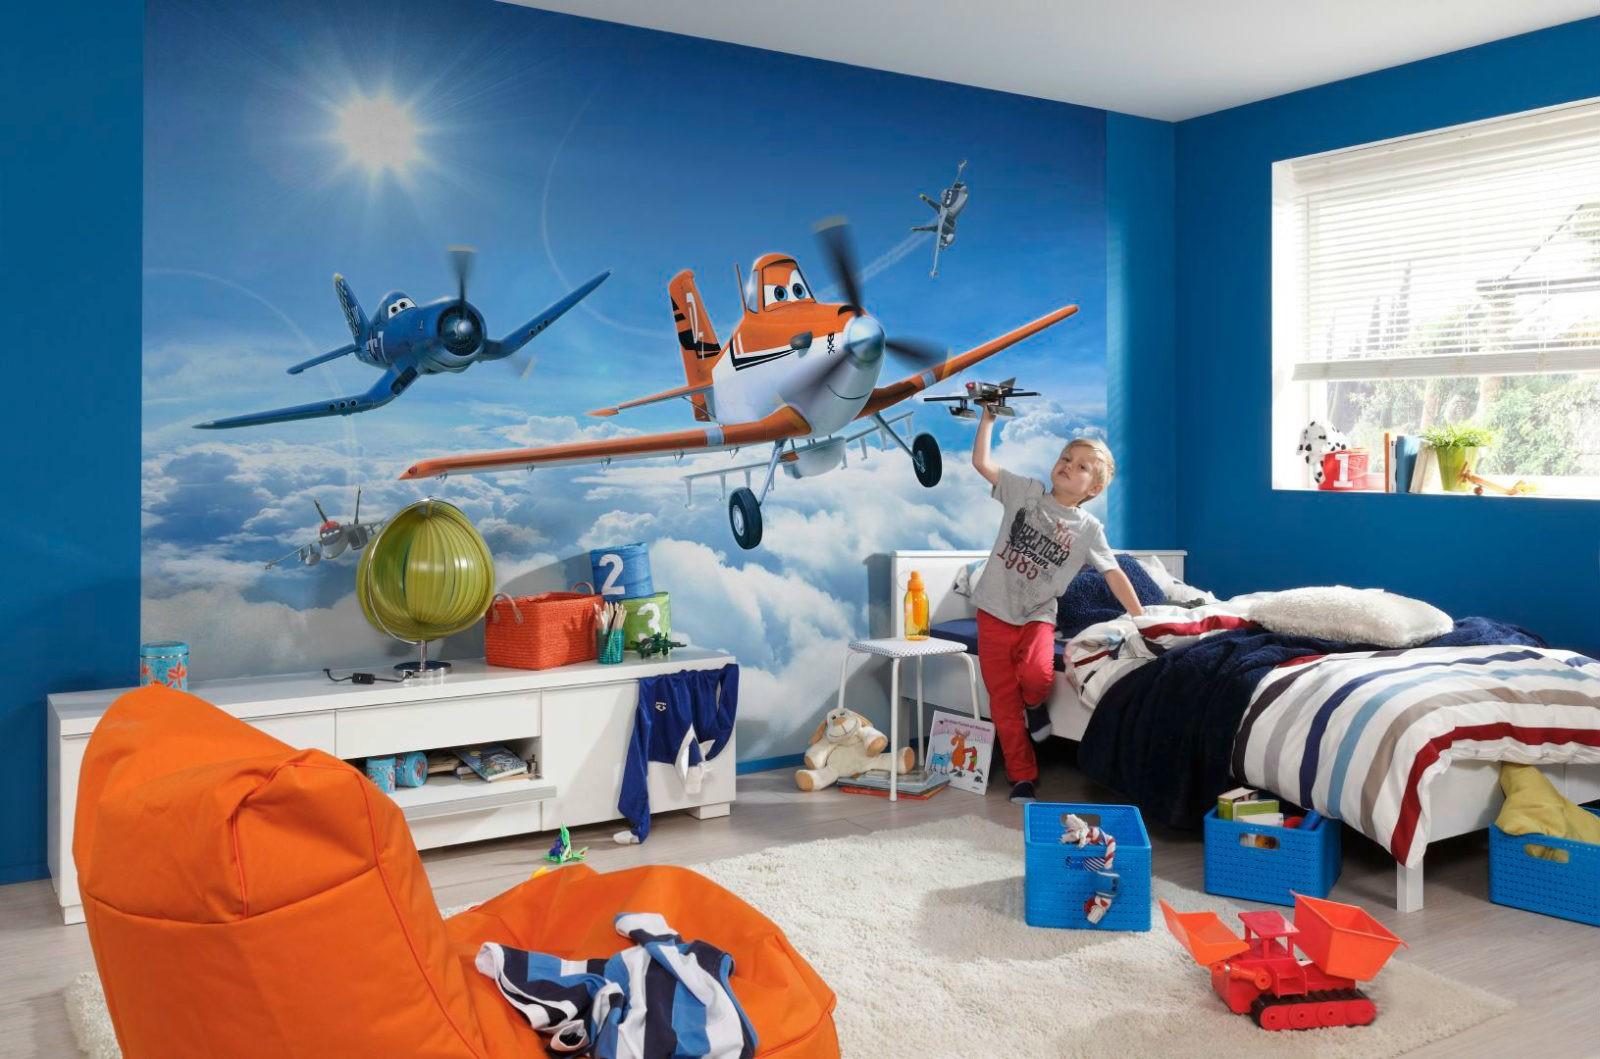 Выбор фотообоев в детскую комнату: фото-каталог готовых вариантов